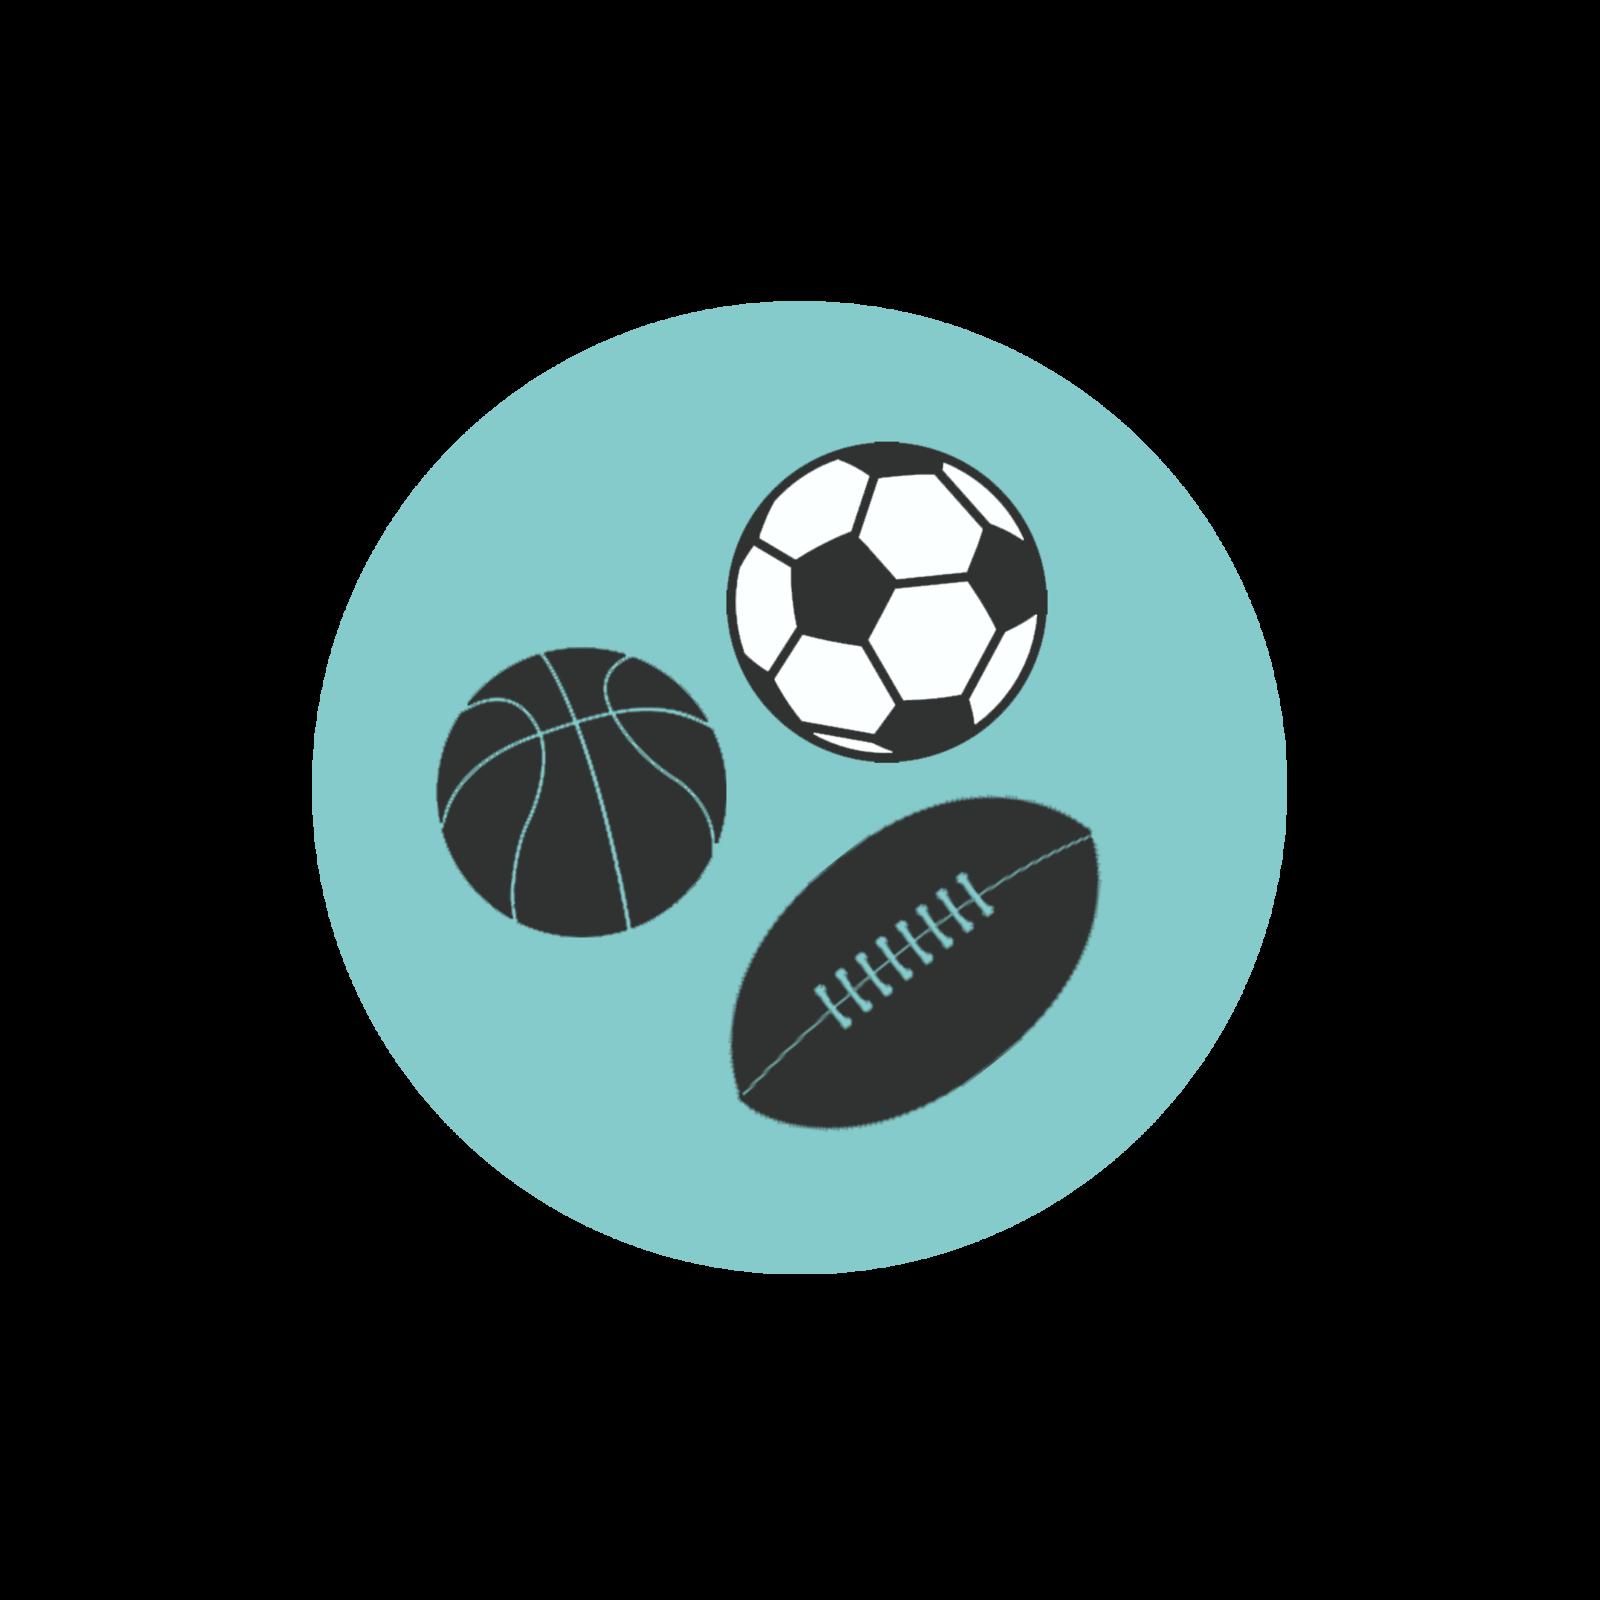 Suspension de l'organisation de la Coupe de la Ligue de football à l'issue de l'édition 2019-2020.